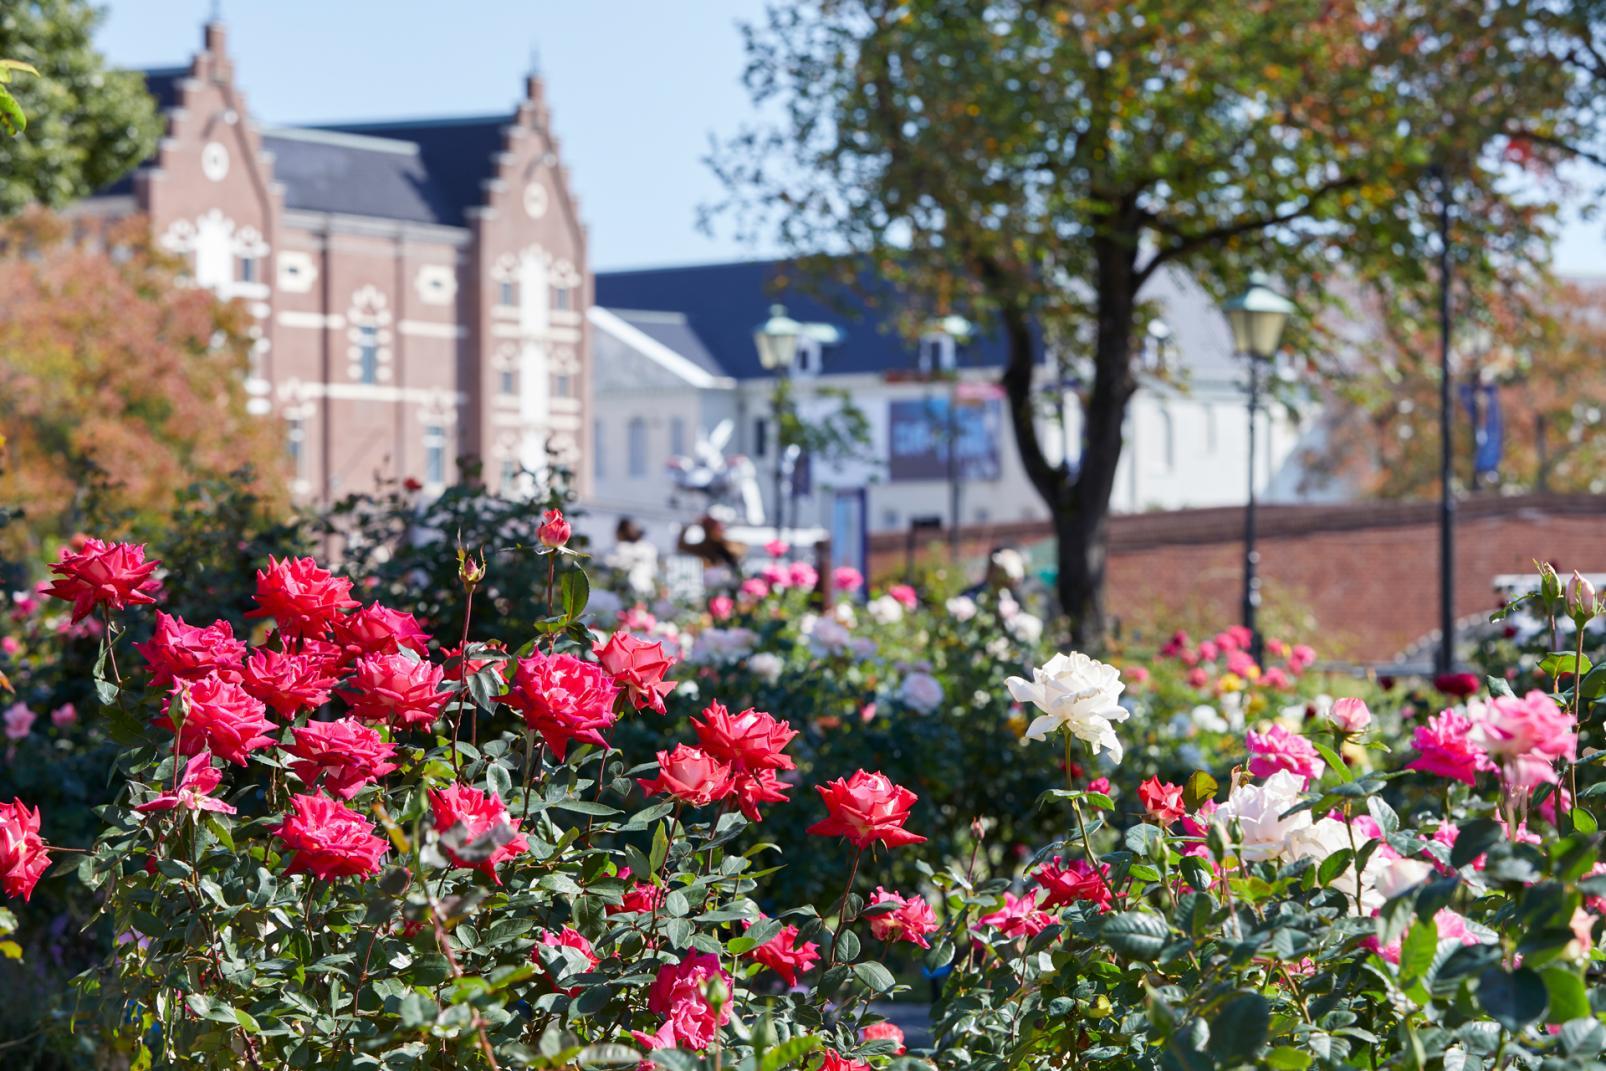 【ハステンボス】花の街の大収穫祭-3